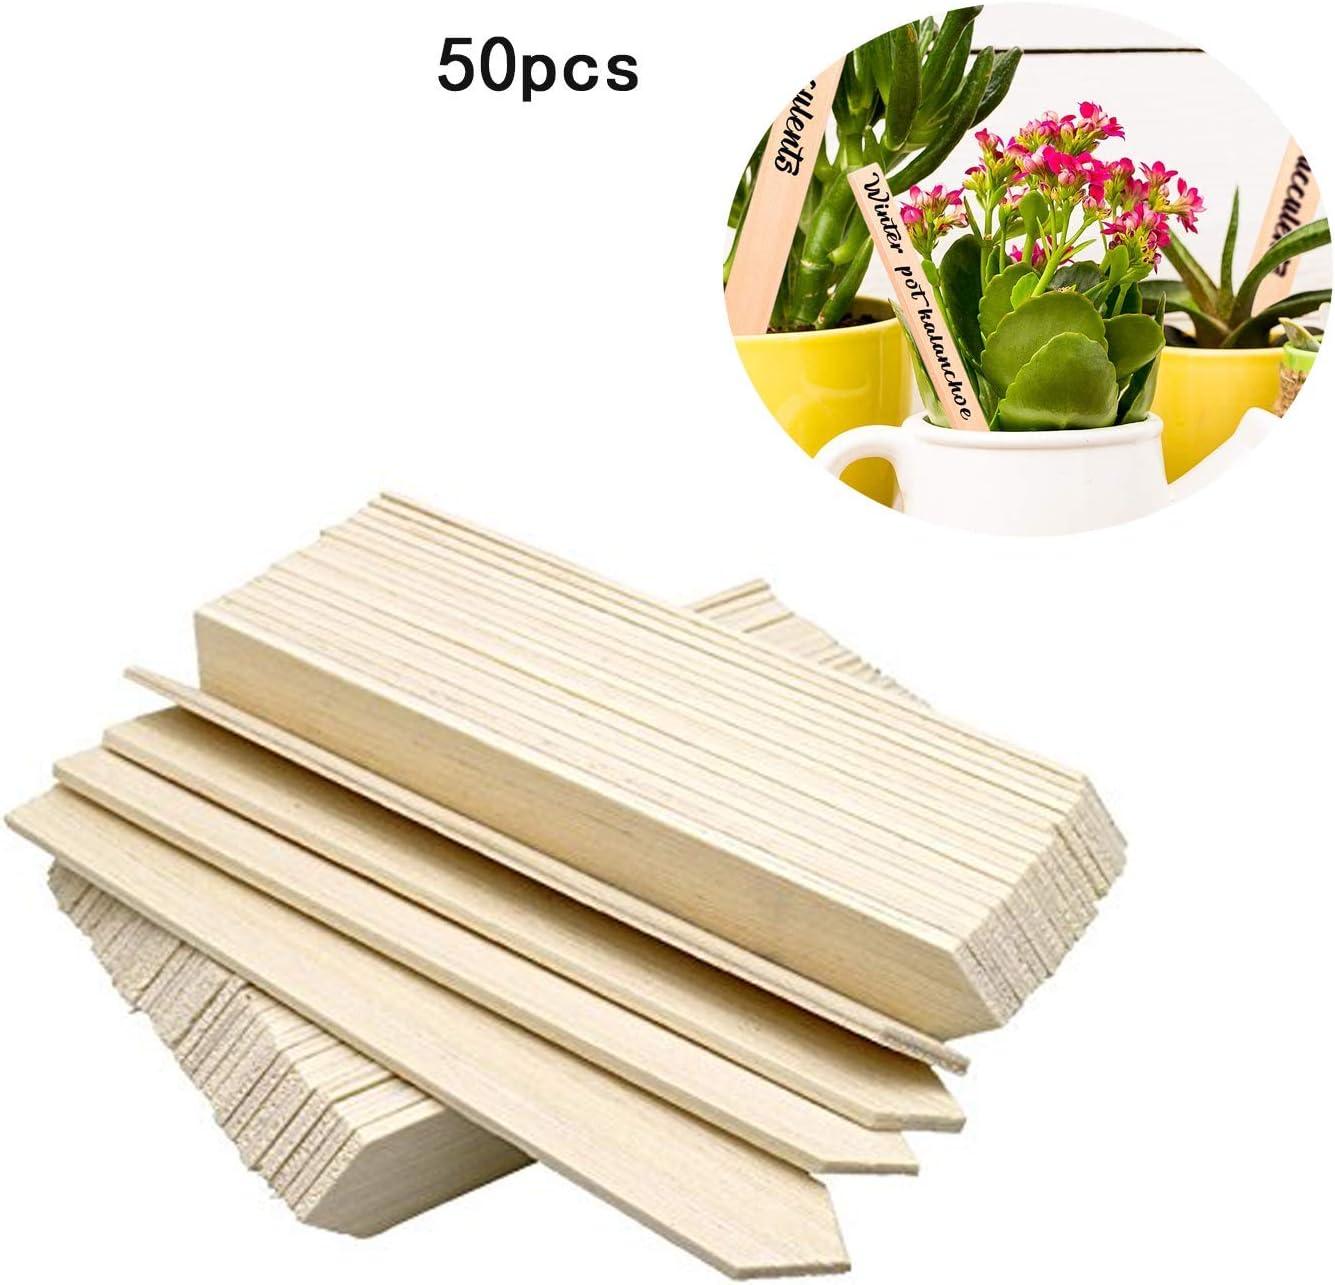 DERCLIVE 50Pcs Etichette per Semi di Piante di bamb/ù Marcatori per Piante da Orto Tag per Piante da Vivaio con Una Penna per Registrare I Giorni per La Crescita delle Piante